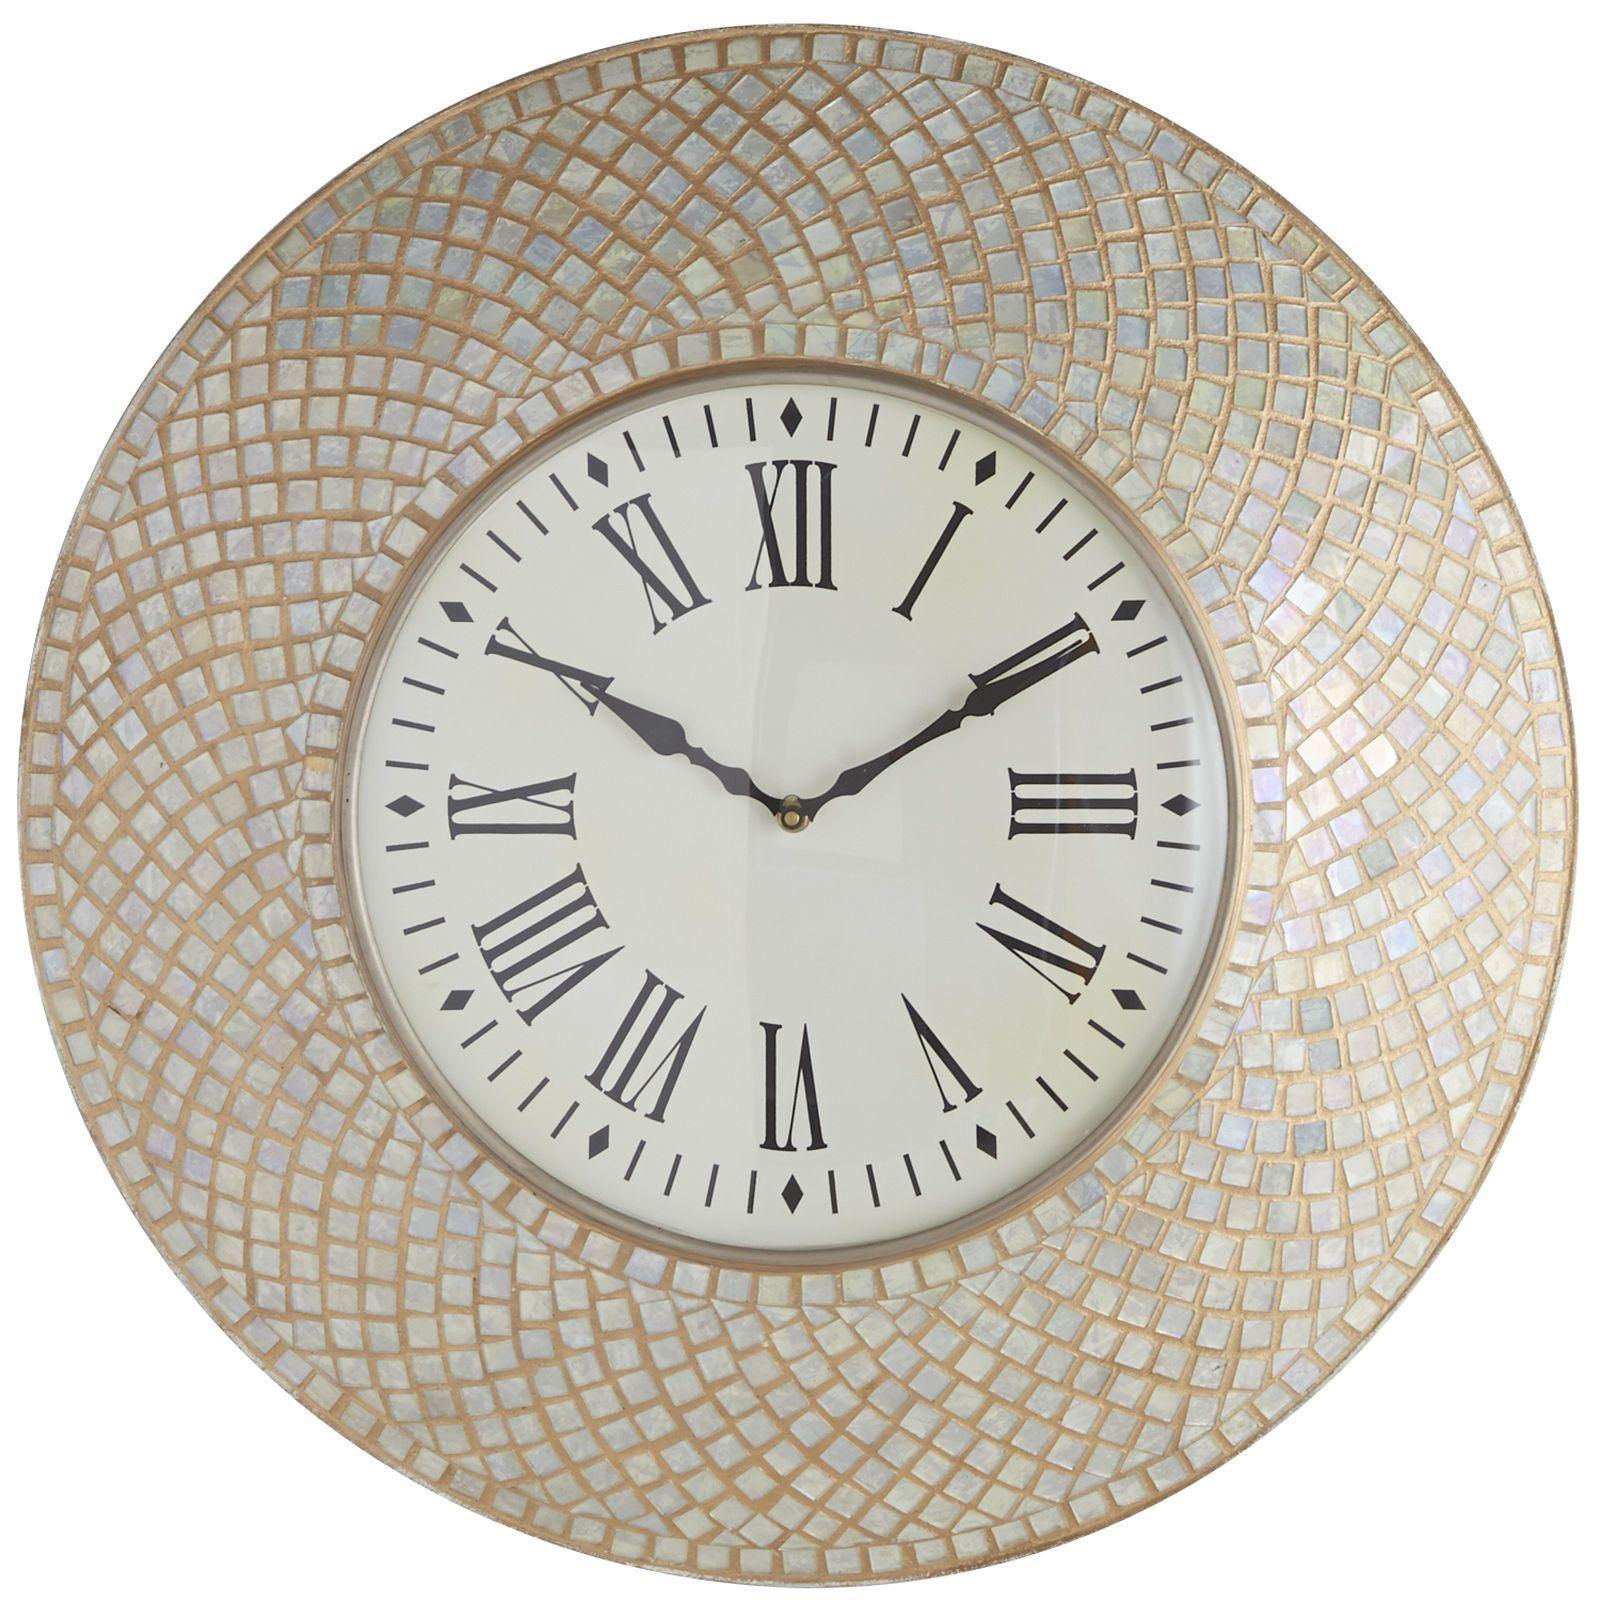 Mosaic Wall Clock Ivory Wall Clock Mosaic Wall Antique Wall Clocks